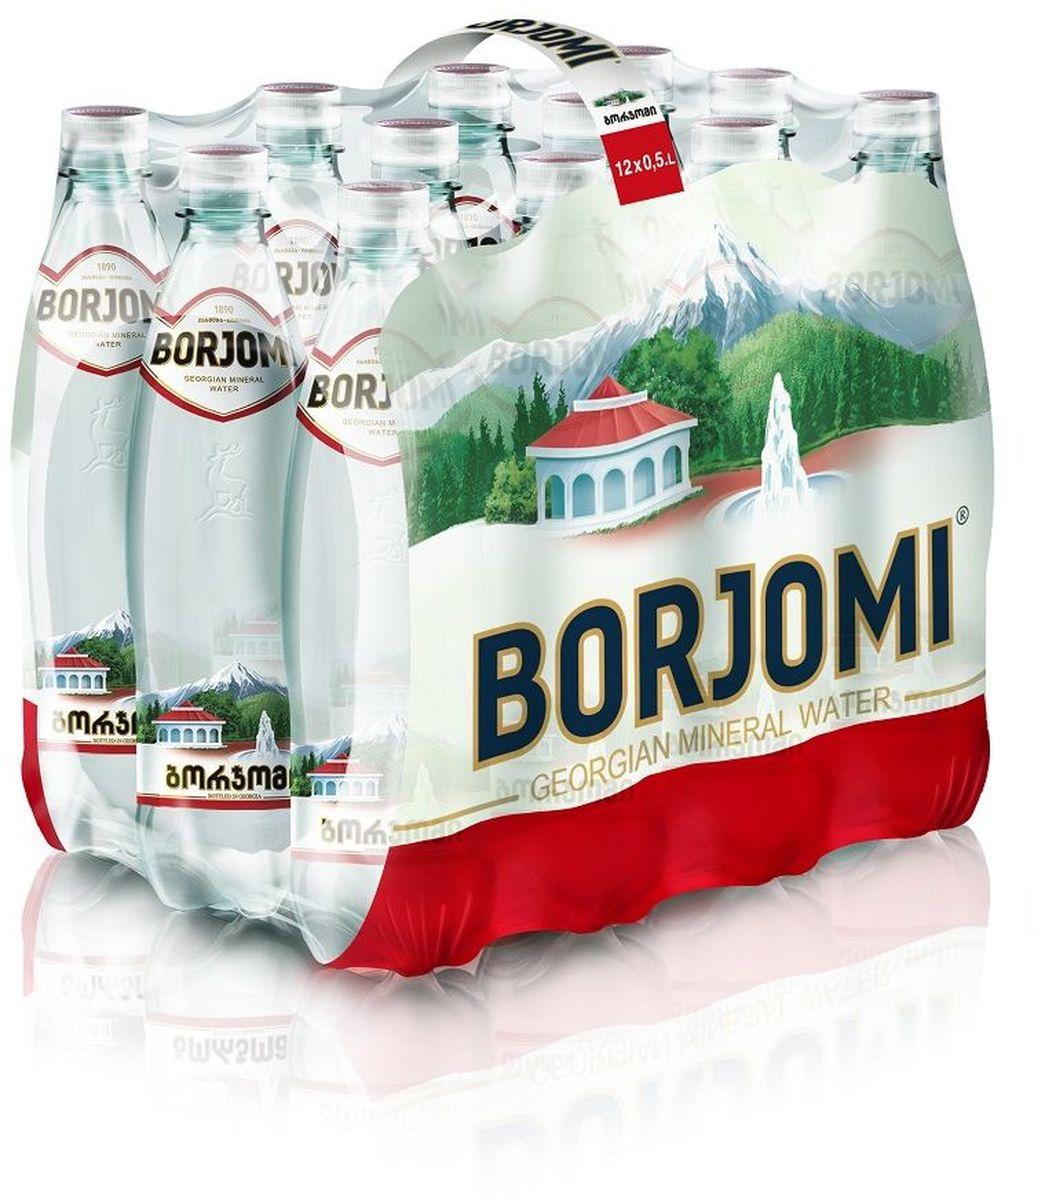 Вода Borjomi природная гидрокарбонатно-натриевая минеральная, 12 шт по 0,5 л4607093920107Borjomi - природная гидрокарбонатно-натриевая минеральная вода с минерализацией 5,0-7,5 г/л. Рожденная в недрах Кавказских гор, она бьет из земли горячим ключом в долине Боржоми, на территории крупнейшего в Европе Грузинского Национального парка Боржоми-Харагаули. Благодаря уникальному комплексу минералов вулканического происхождения, эта природная минеральная вода действует как душ изнутри и прекрасно очищает организм. Зарождаясь на глубине 8000 м и поднимаясь сквозь слои вулканических пород, вода Borjomi насыщается природной композицией из более чем 60 полезных минералов. Разлито на месте добычи из Боржомского месторождения минеральных вод (скв.№25Э,41р). Показания по лечебному применению: болезни пищевода, хронический гастритс нормальной и повышенной секреторной функцией желудка, язвенная болезньжелудка и двенадцатиперстной кишки, болезни кишечника, болезни печени,желчного пузыря и желчевыводящих путей, болезни поджелудочной железы,нарушение органов пищеварения после оперативных вмешательств по поводуязвенной болезни желудка, постхолецистэктомические синдромы, болезниобмена веществ: сахарный диабет, ожирение, болезни мочевыводящих путей.При вышеуказанных заболеваниях применяется только вне фазы обострения.